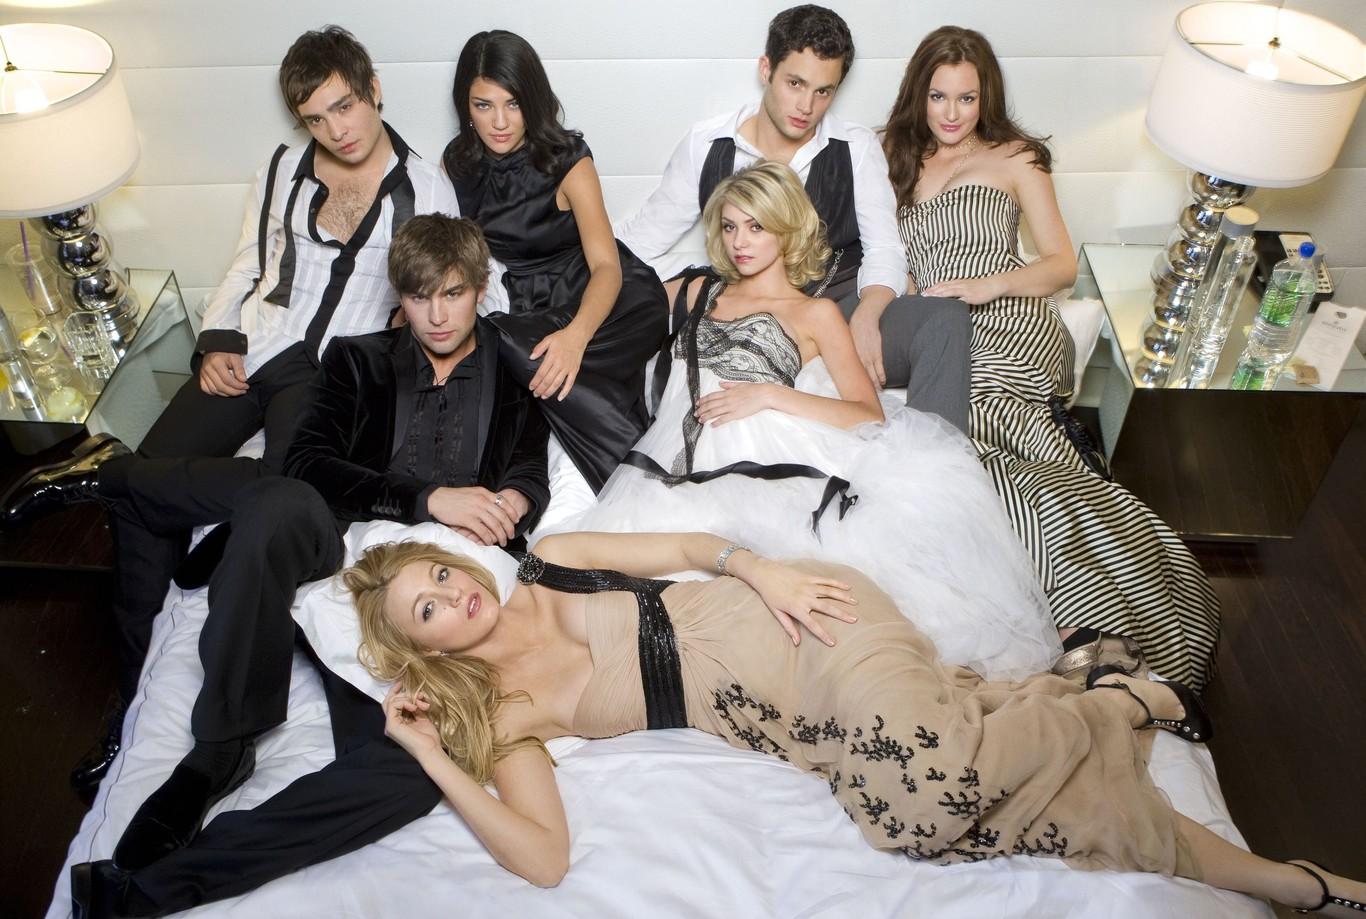 El regreso de Gossip Girl a HBO siete años después